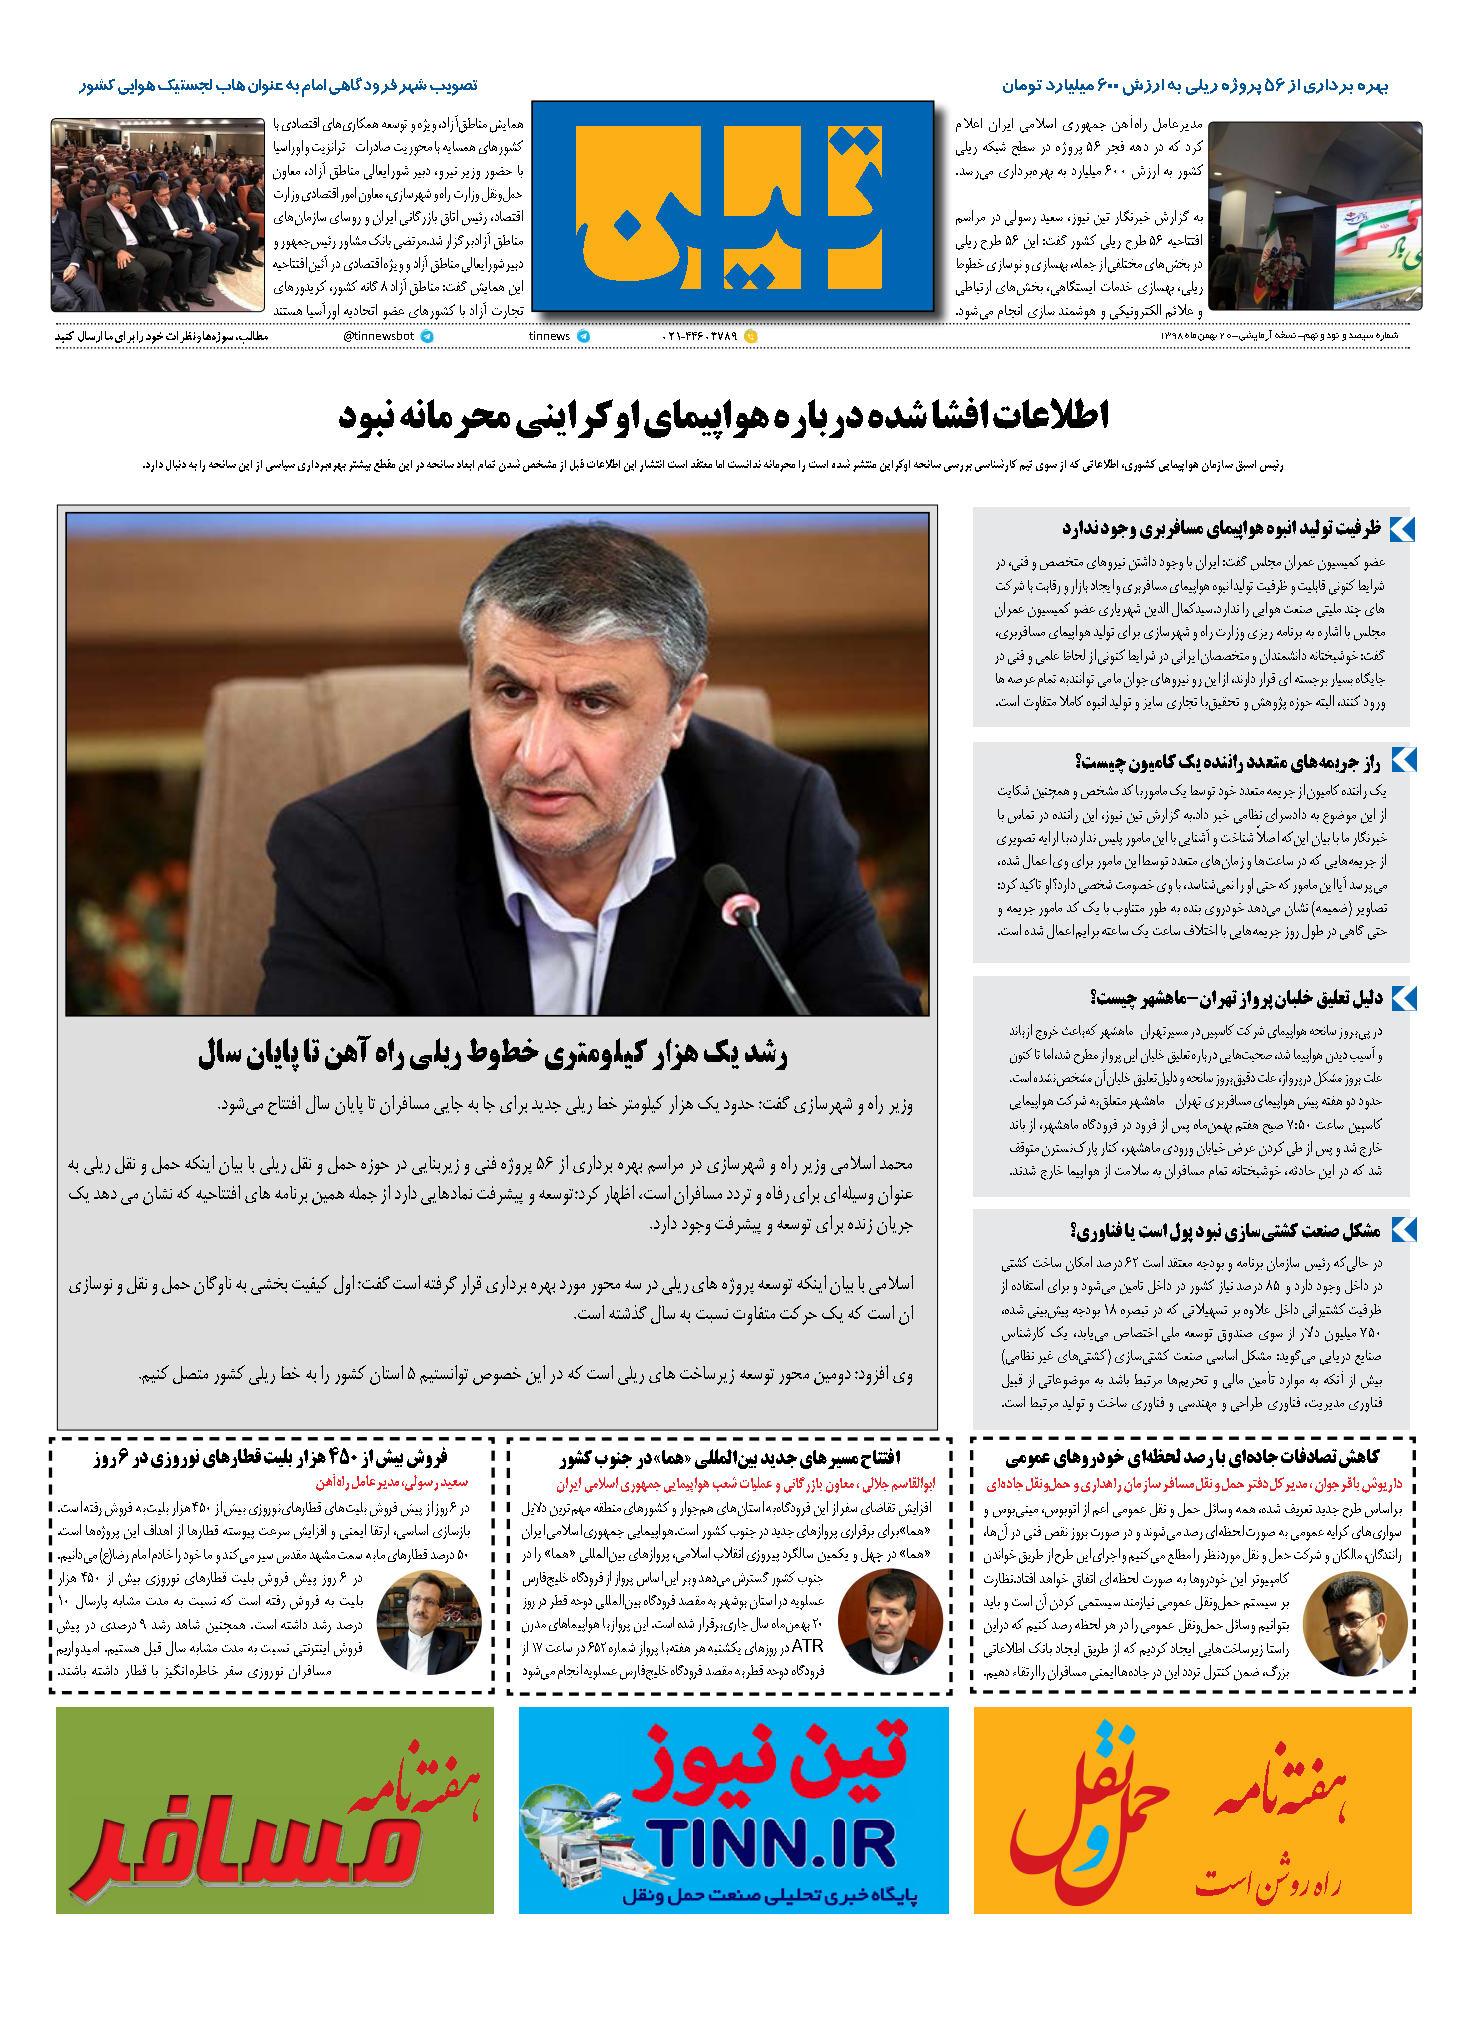 روزنامه الکترونیک 20 بهمن ماه 98